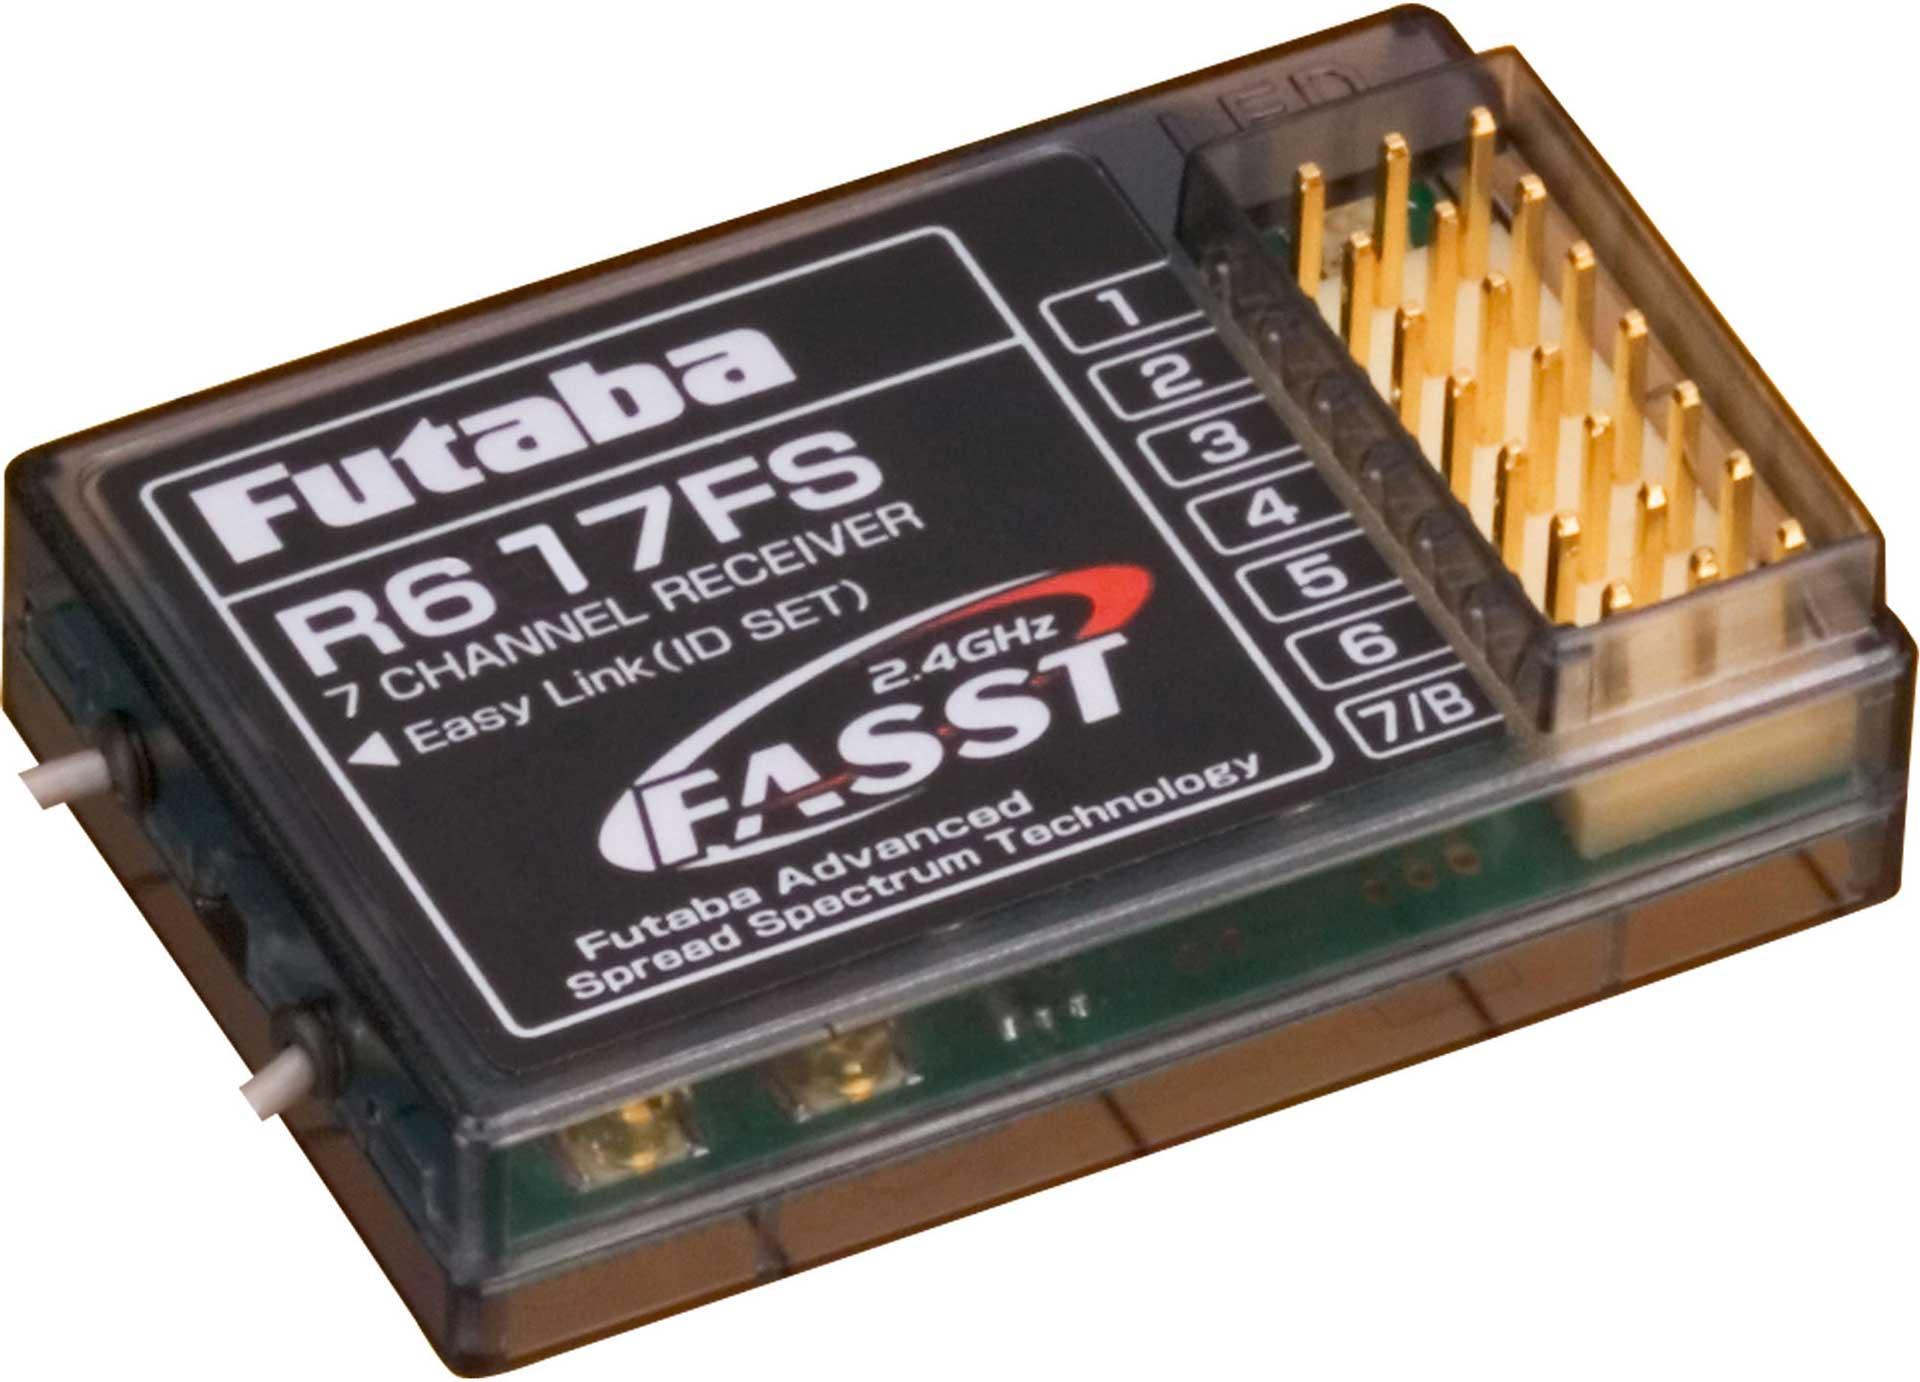 FUTABA R 617FS 2,4GHZ CAPACITY RECEIVER